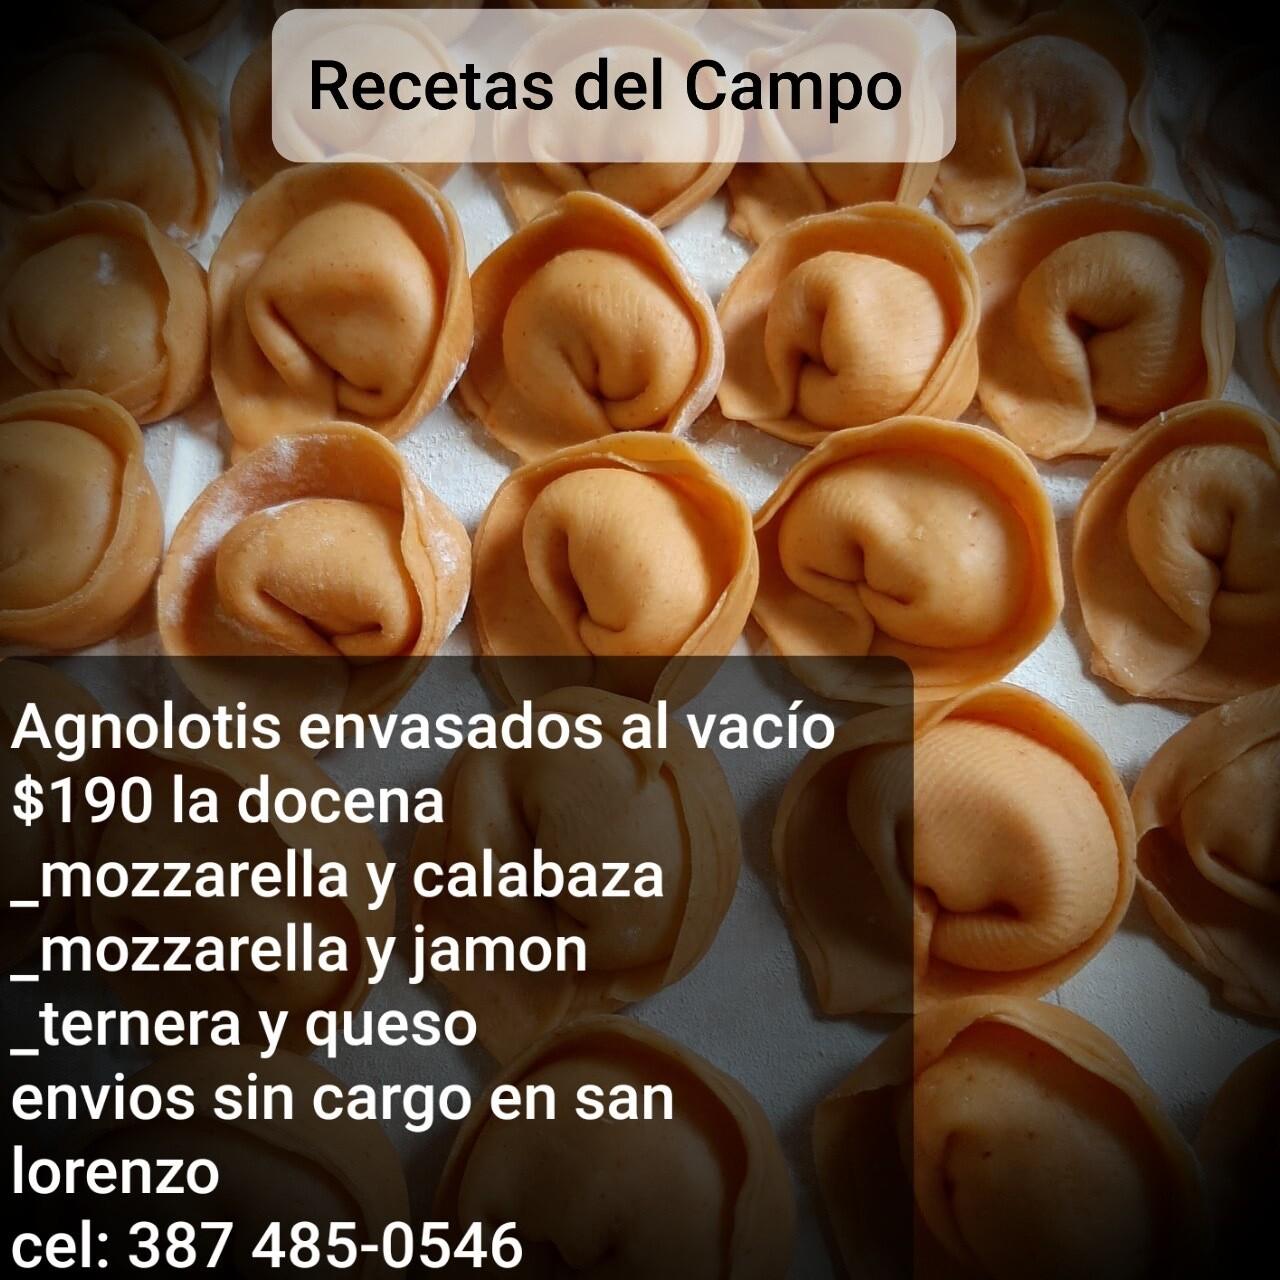 Recetas del Campo